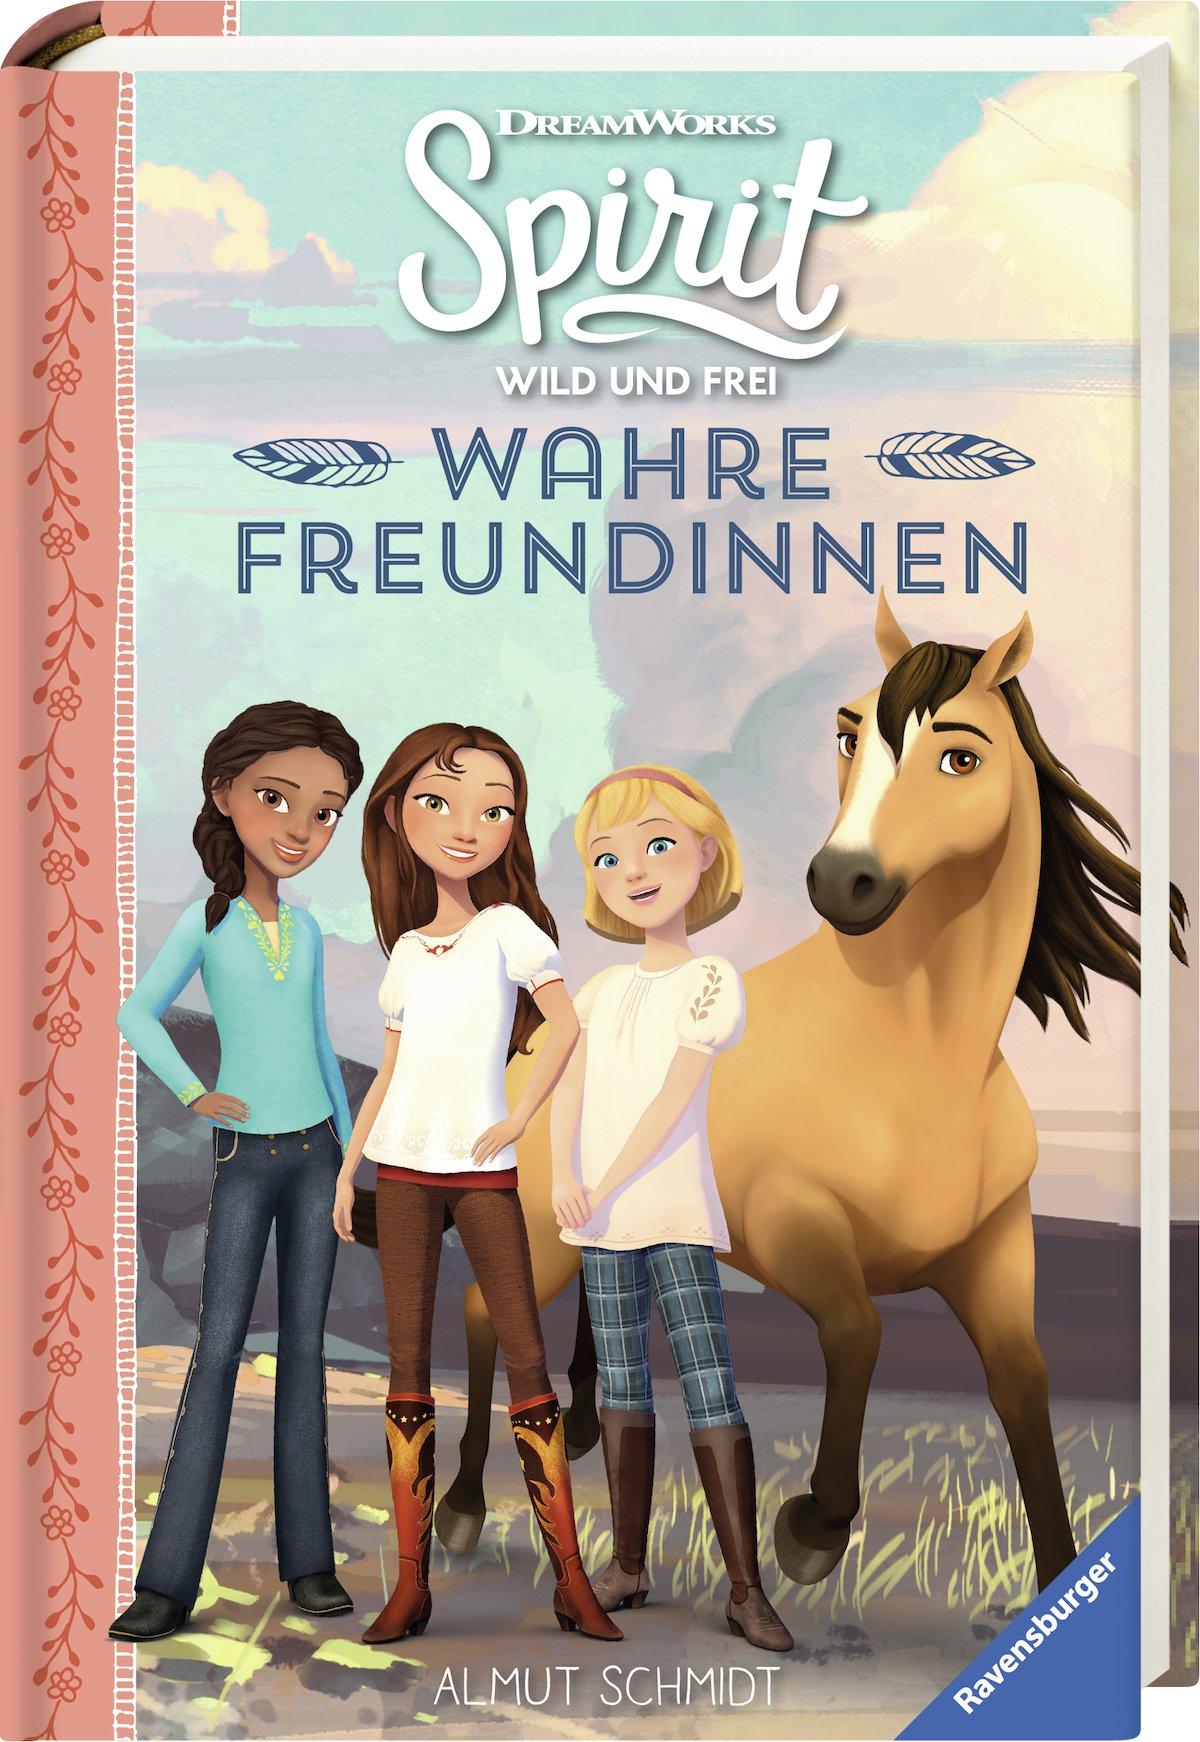 Spirit Wild und Frei: Wahre Freundinnen Gebundenes Buch – 21. August 2018 Almut Schmidt DreamWorks Animation L.L.C. Ravensburger Buchverlag 3473491195